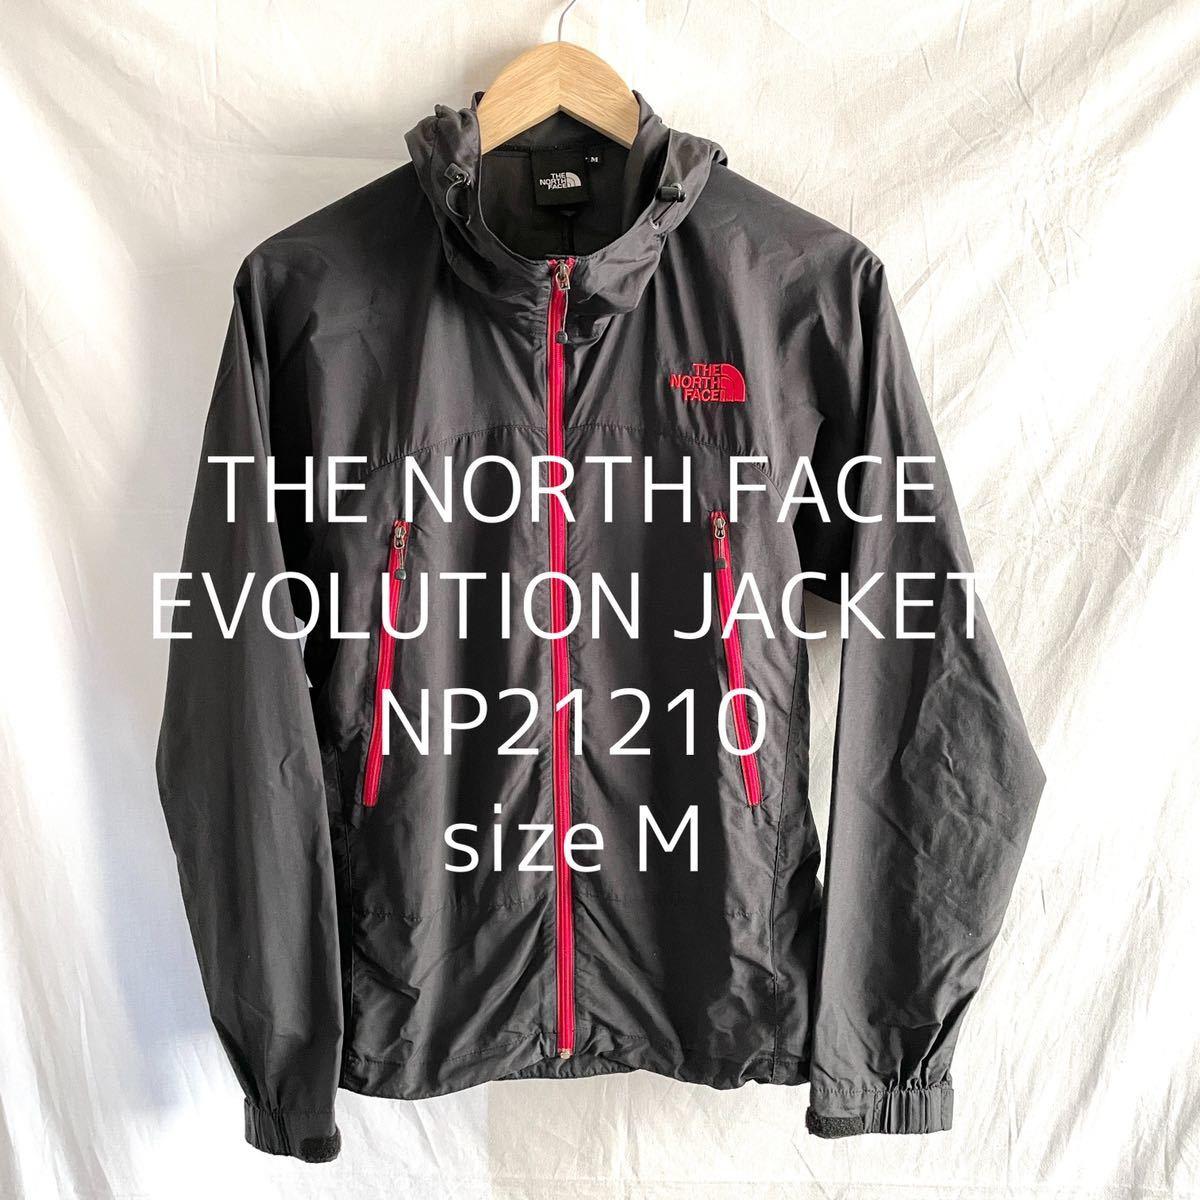 THE NORTH FACE EVOLUTION JACKET ザノースフェイス エボルーションジャケットナイロンジャケットアウトドア レジャー 黒 M